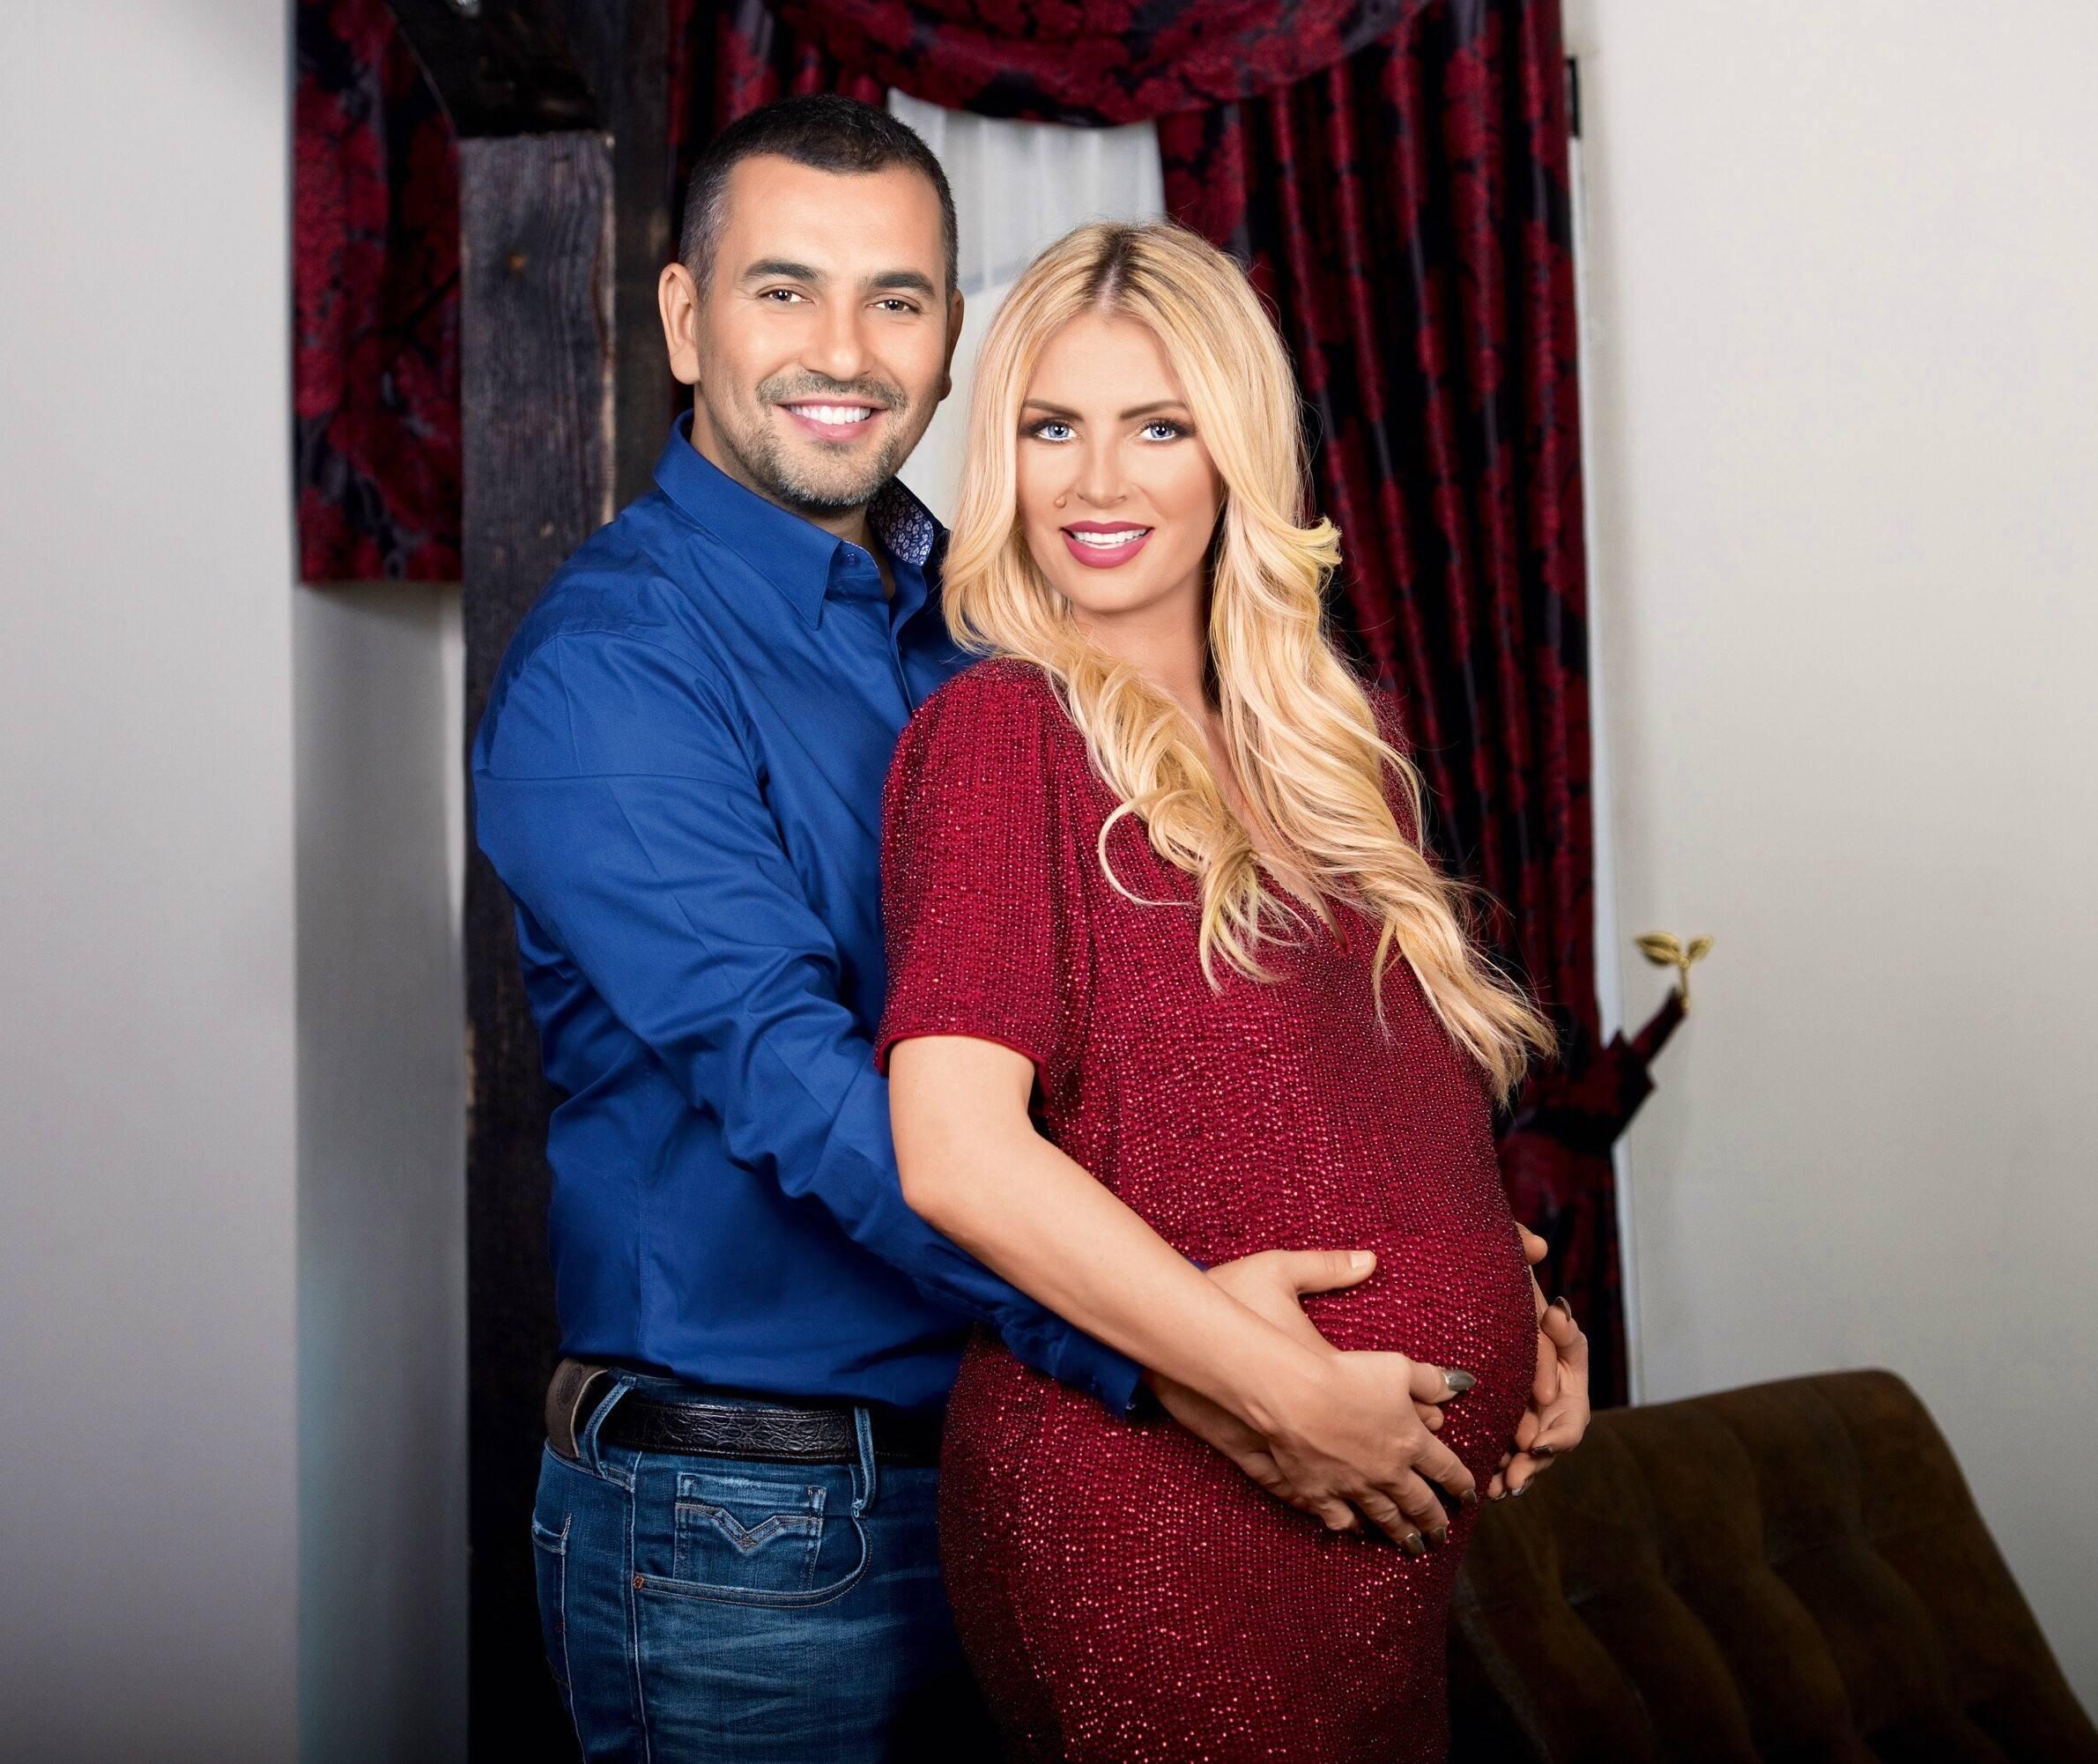 Andreea Bănică ne dezvăluie cum au fost cele două nașteri! Este vedetă dar nu a fost scutită de dureri